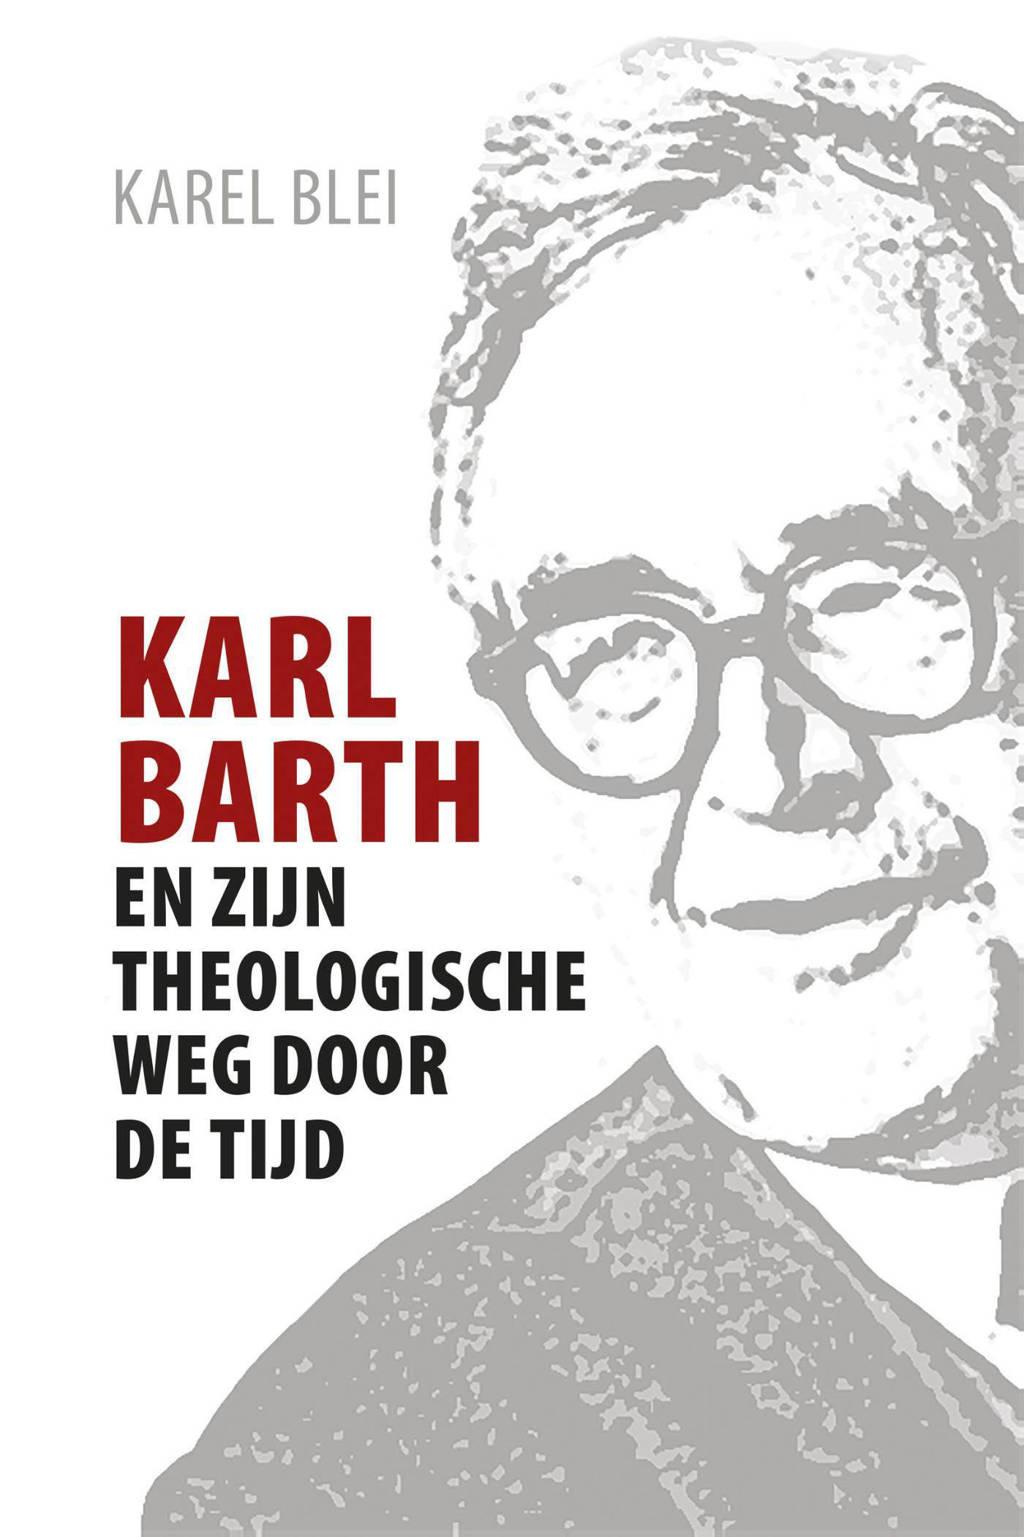 Karl Barth en zijn theologische weg door de tijd - Karel Blei